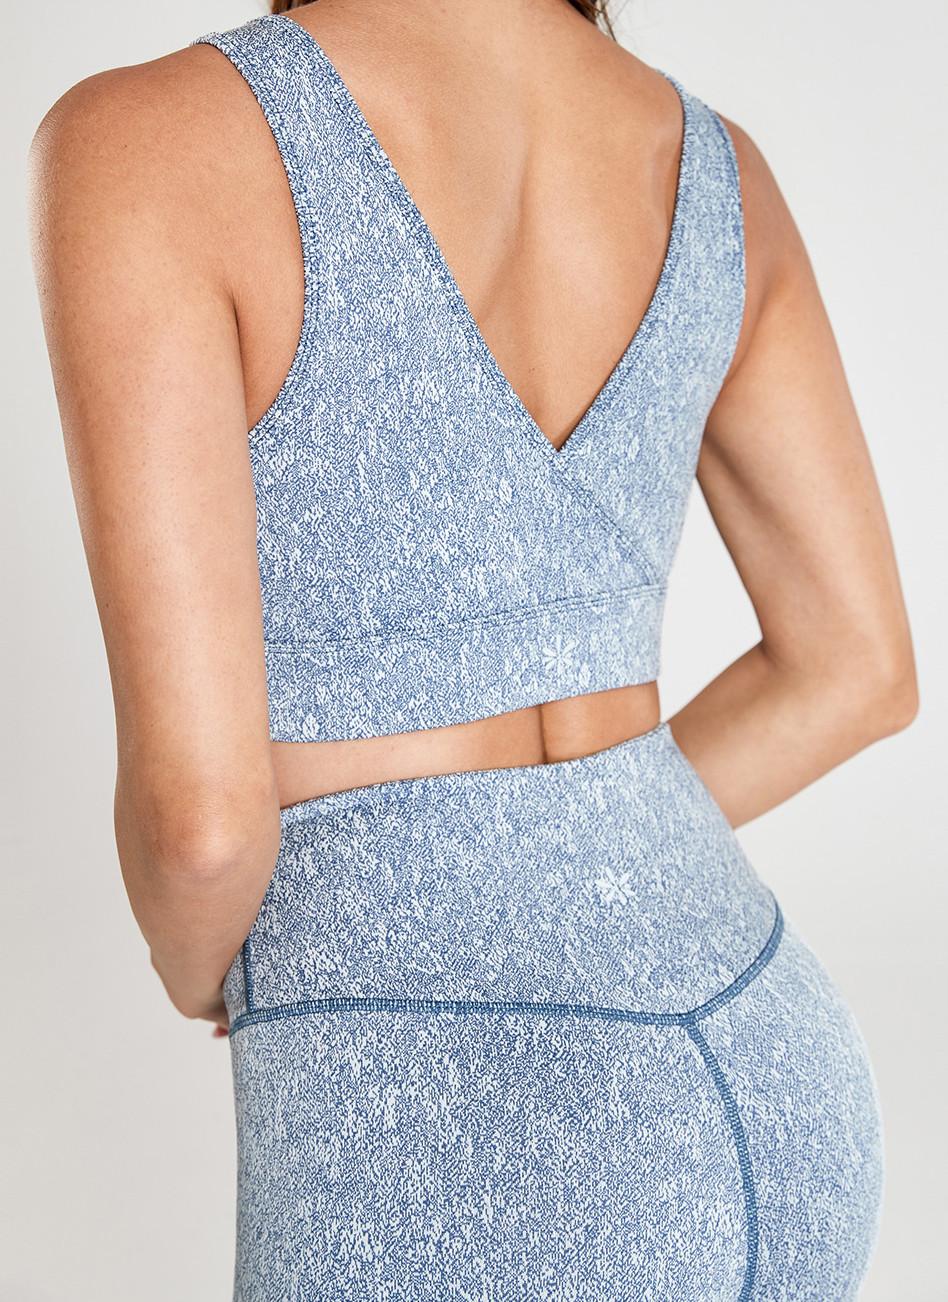 Fabricant de gris bleu actif et Yogawear